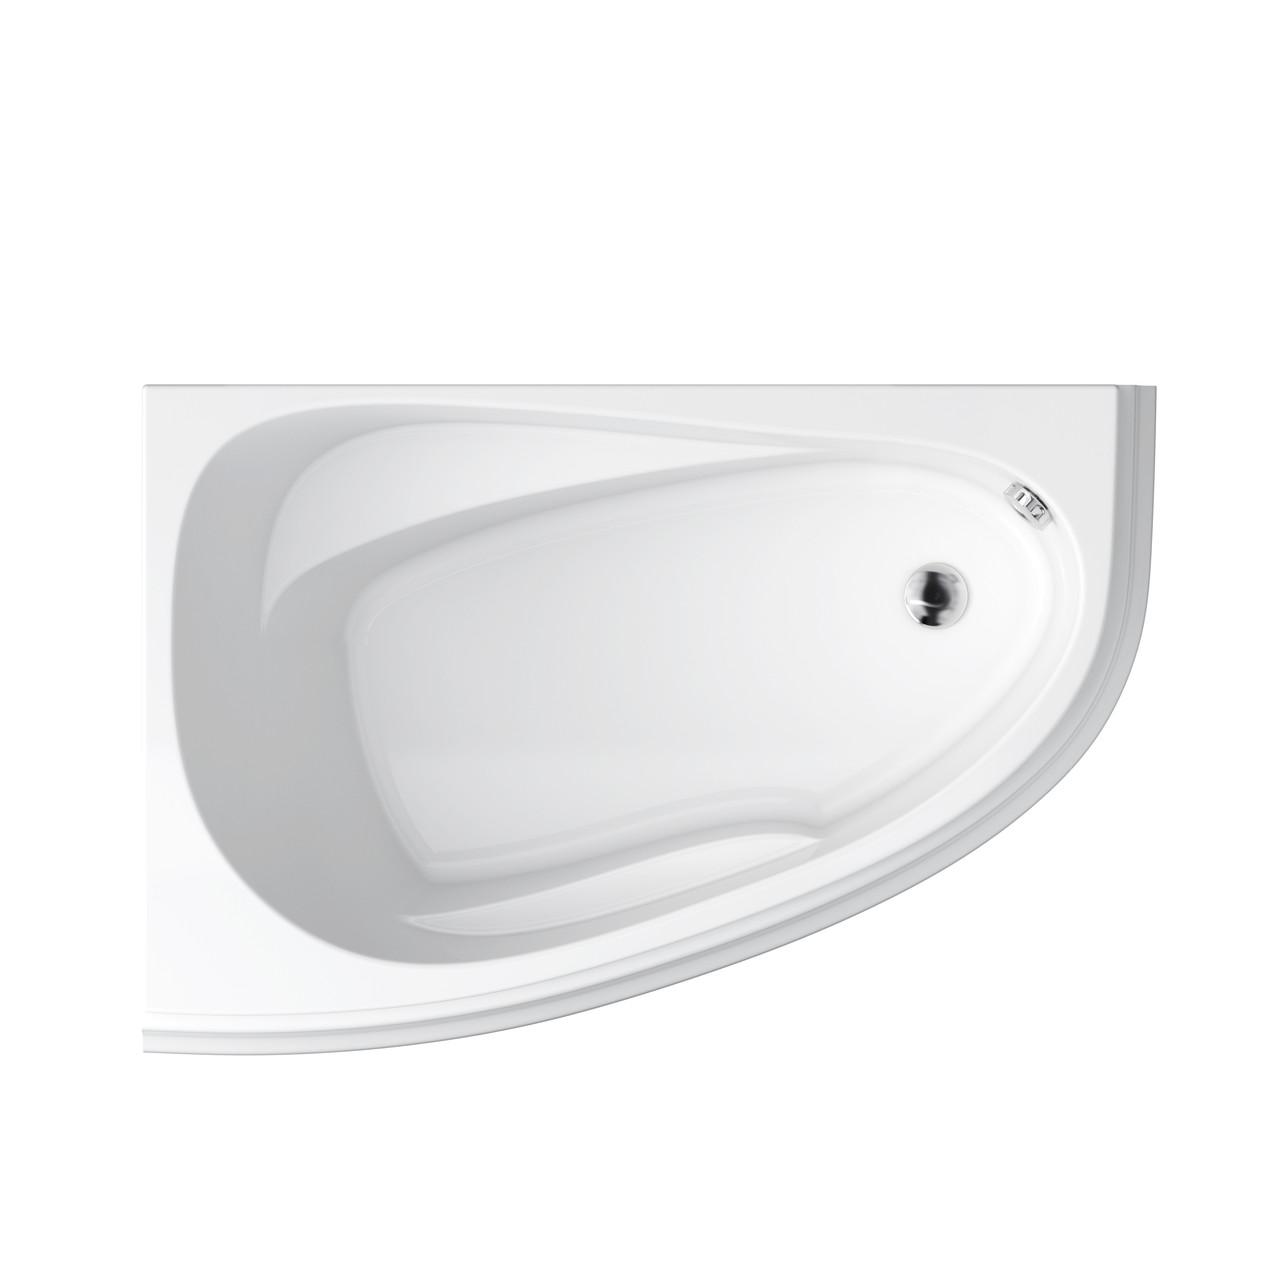 Ванна акриловая Cersanit Joanna 160x95 (левая)